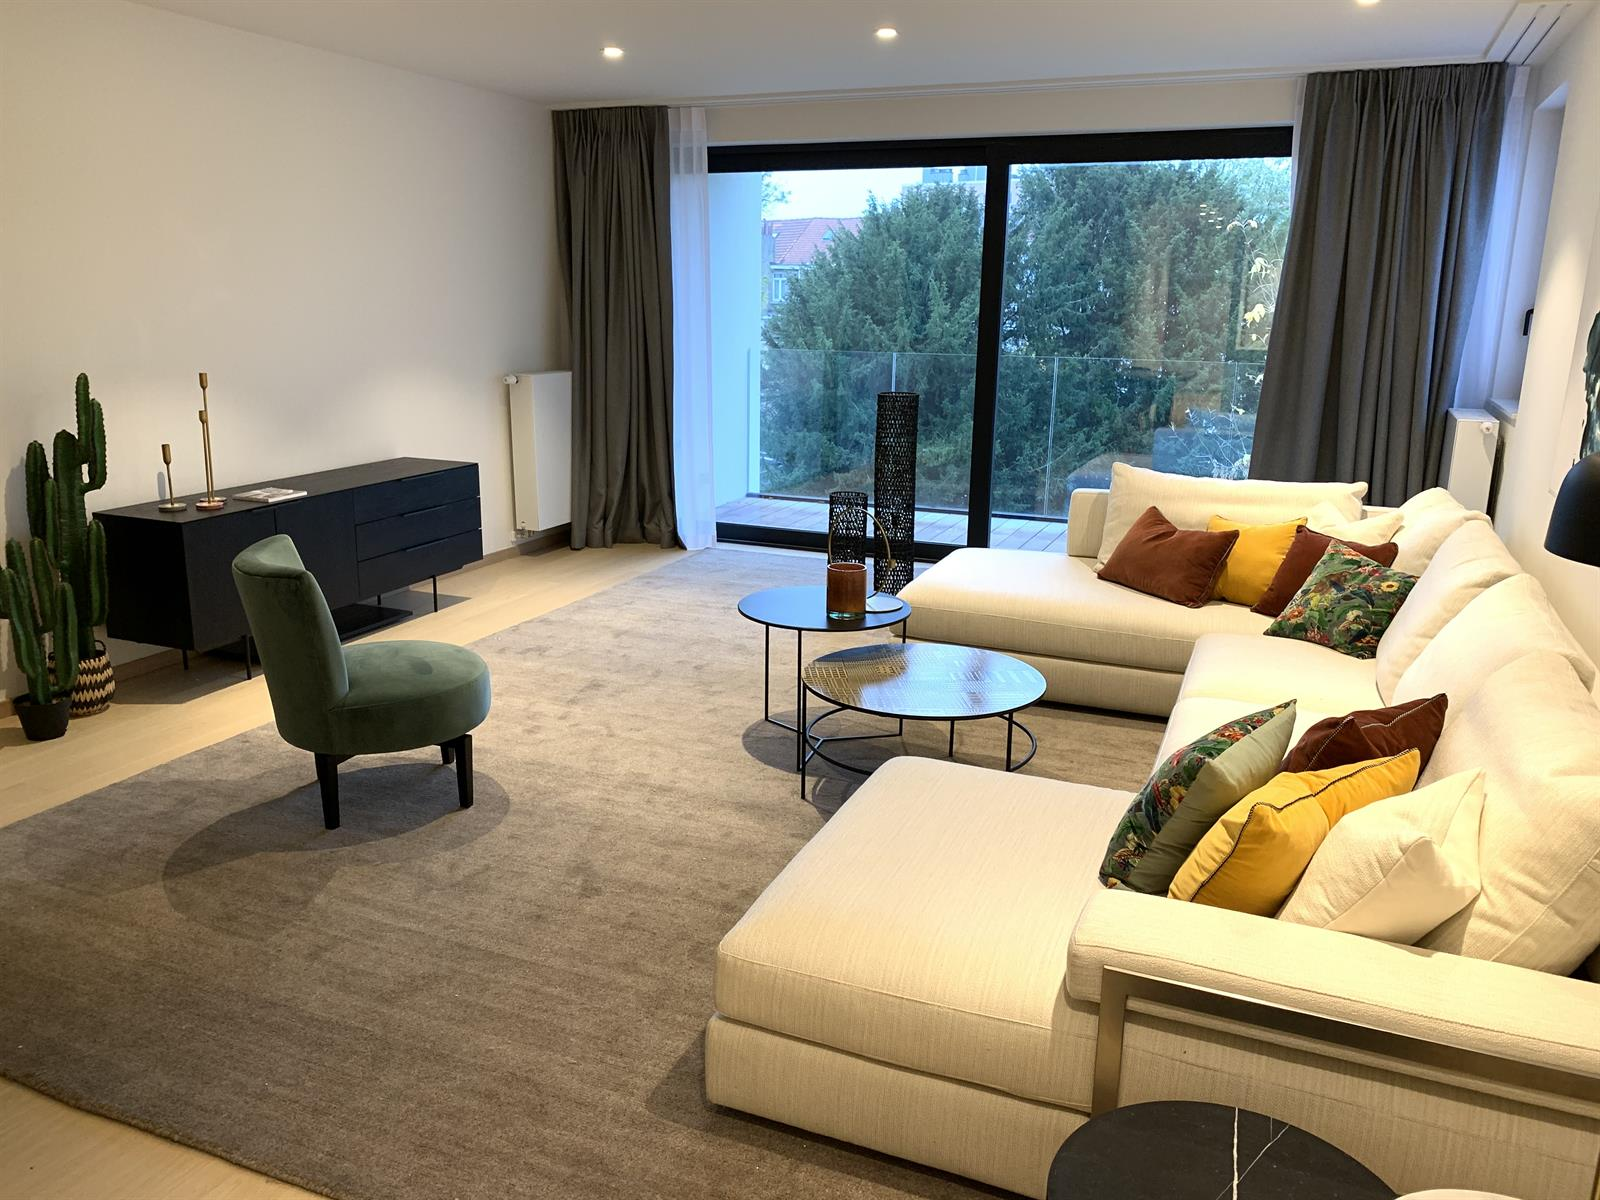 Appartement exceptionnel - Ixelles - #3918748-4